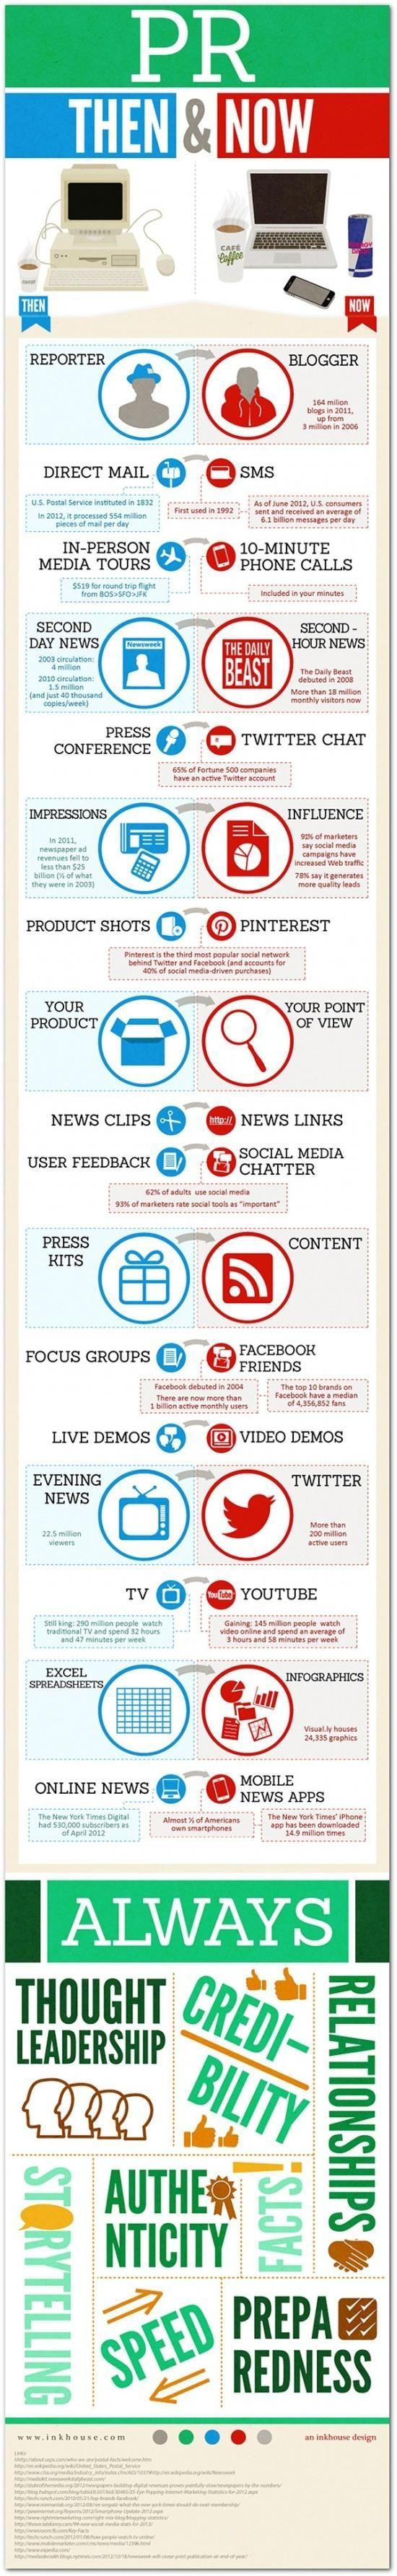 El trabajo de periodista: antes y ahora